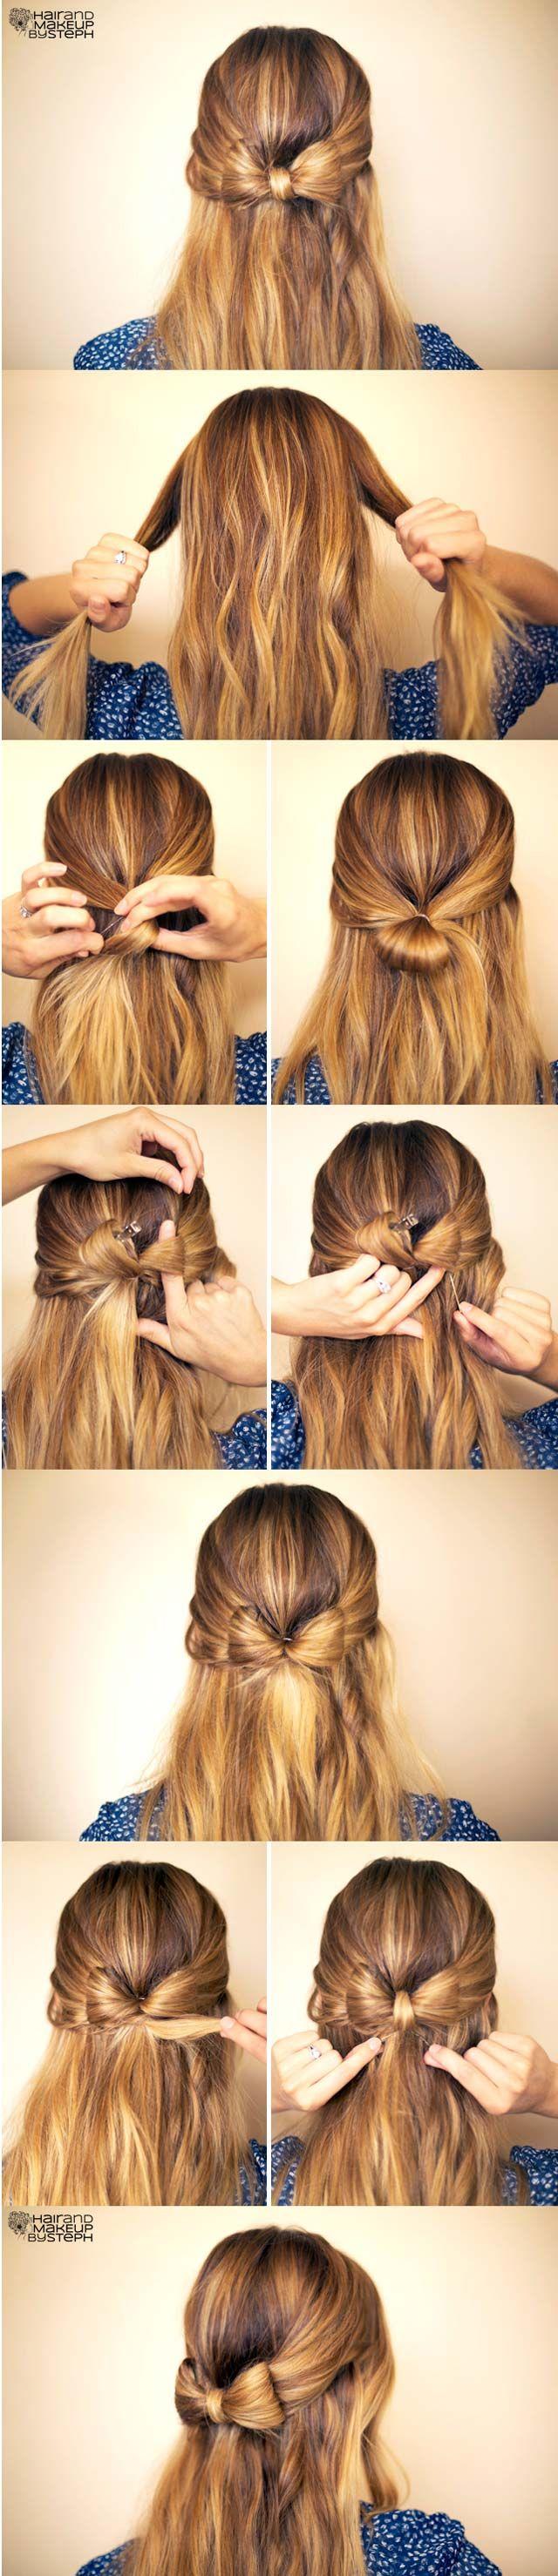 Cute hairstyles for women cute hair pinterest hair bow